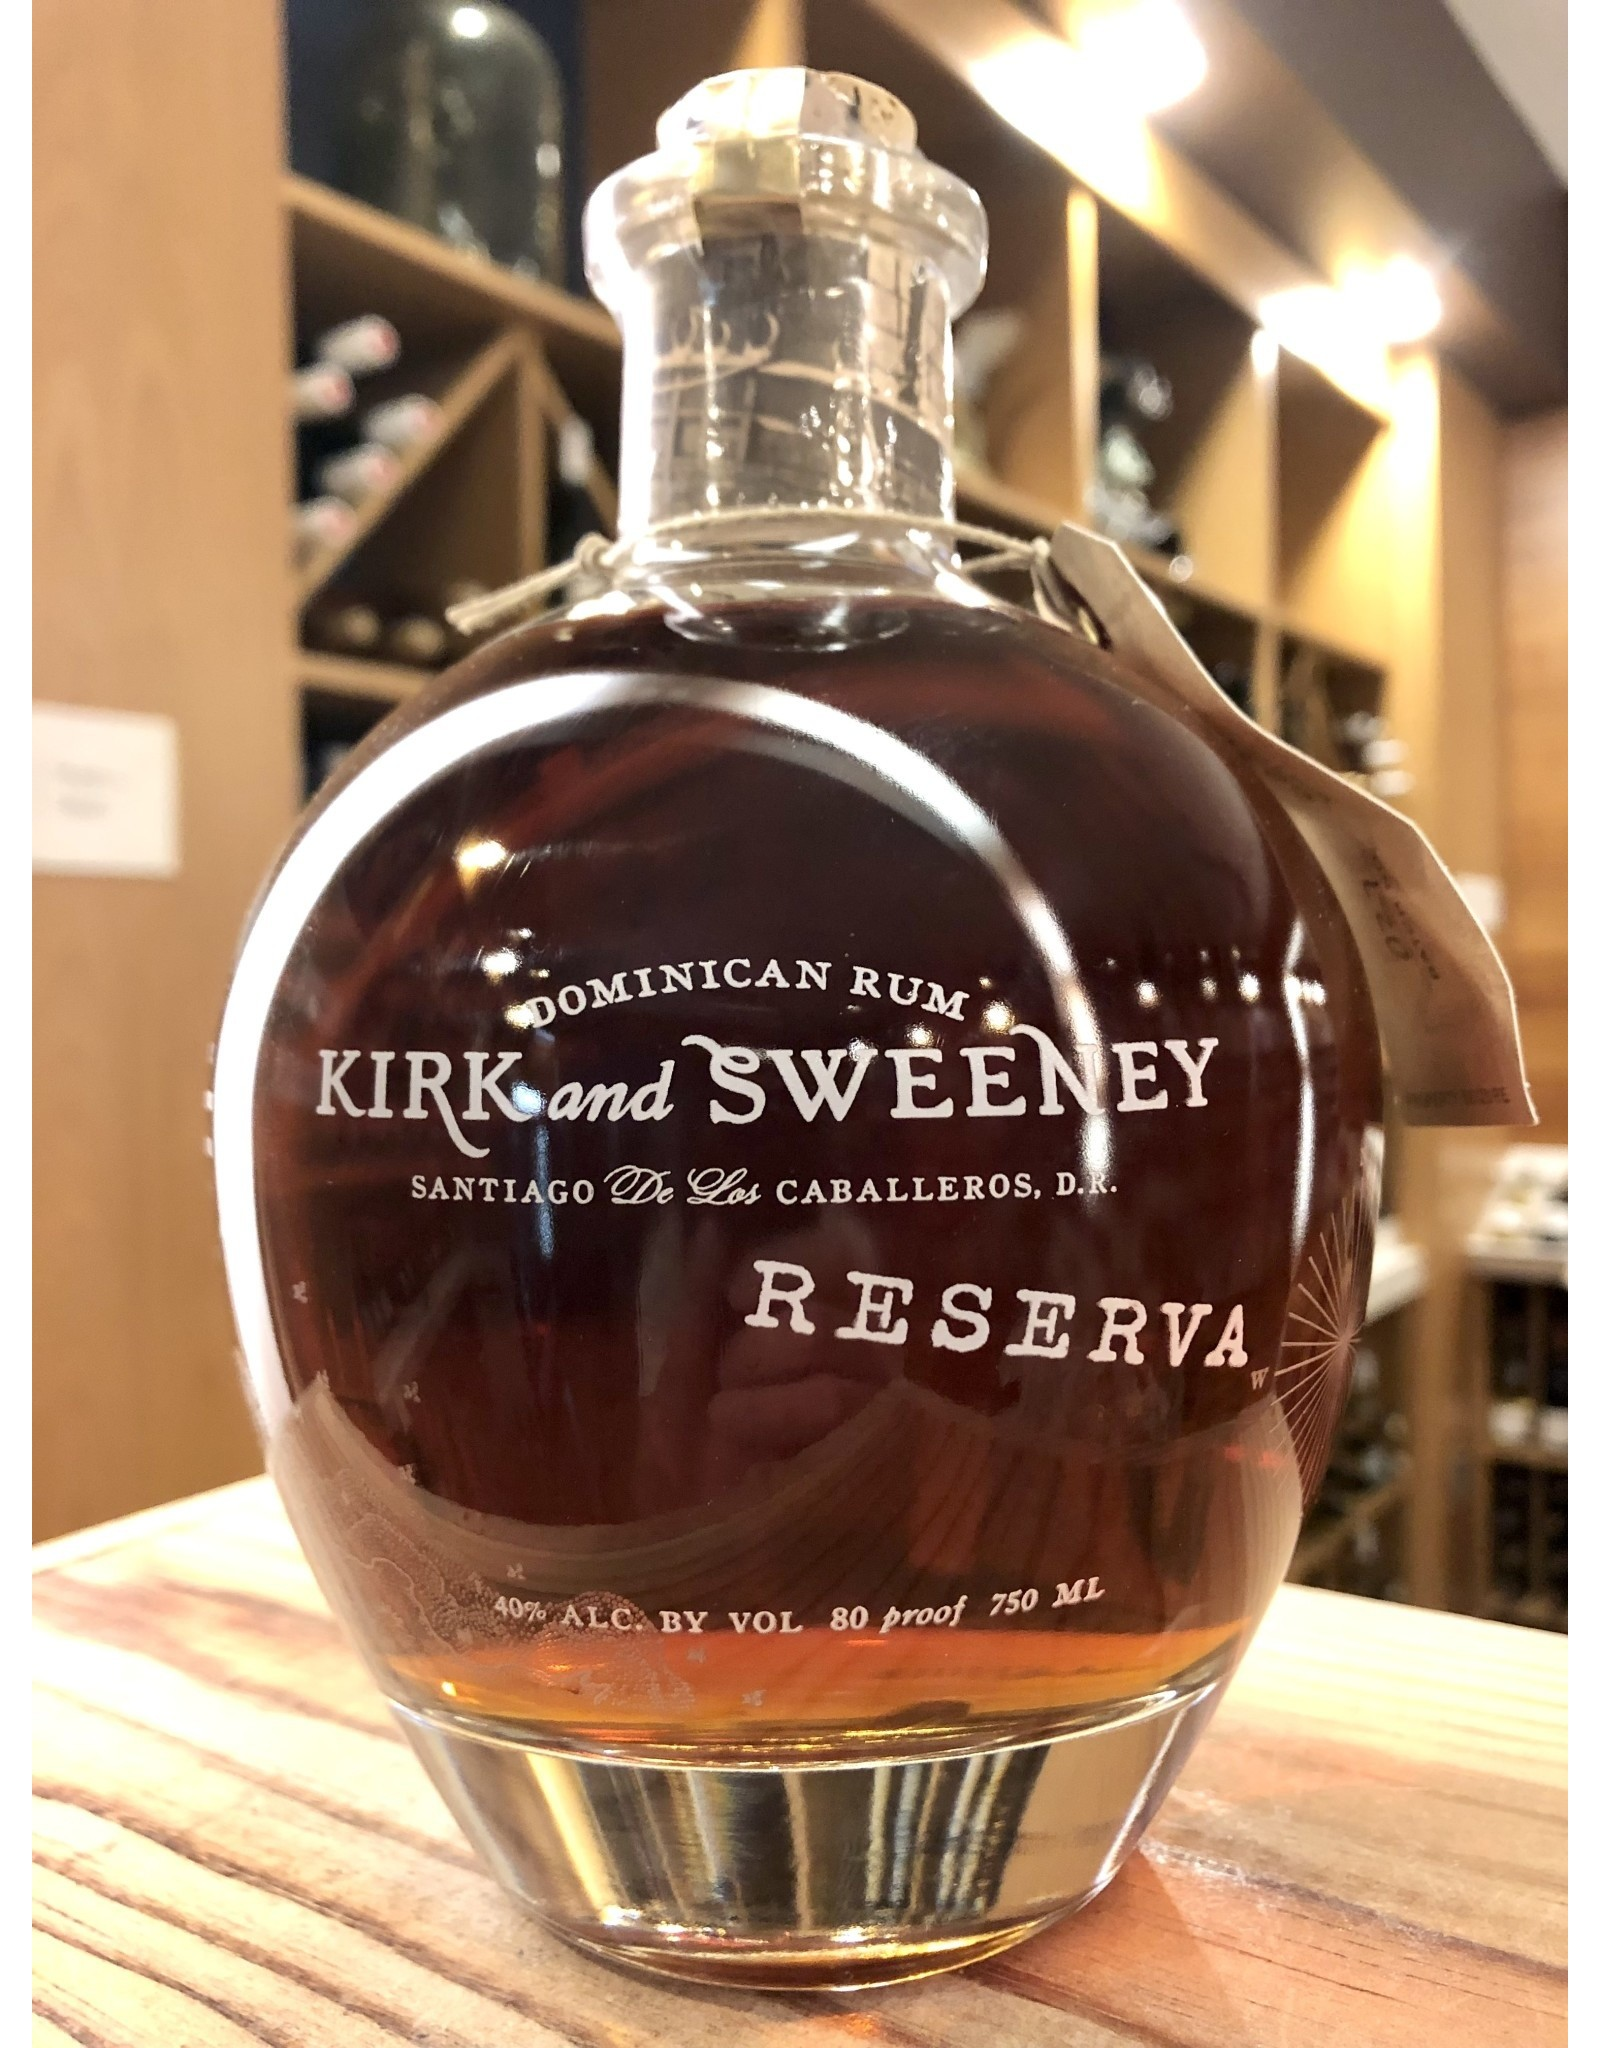 Kirk & Sweeney Reserva Rum - 750 ML